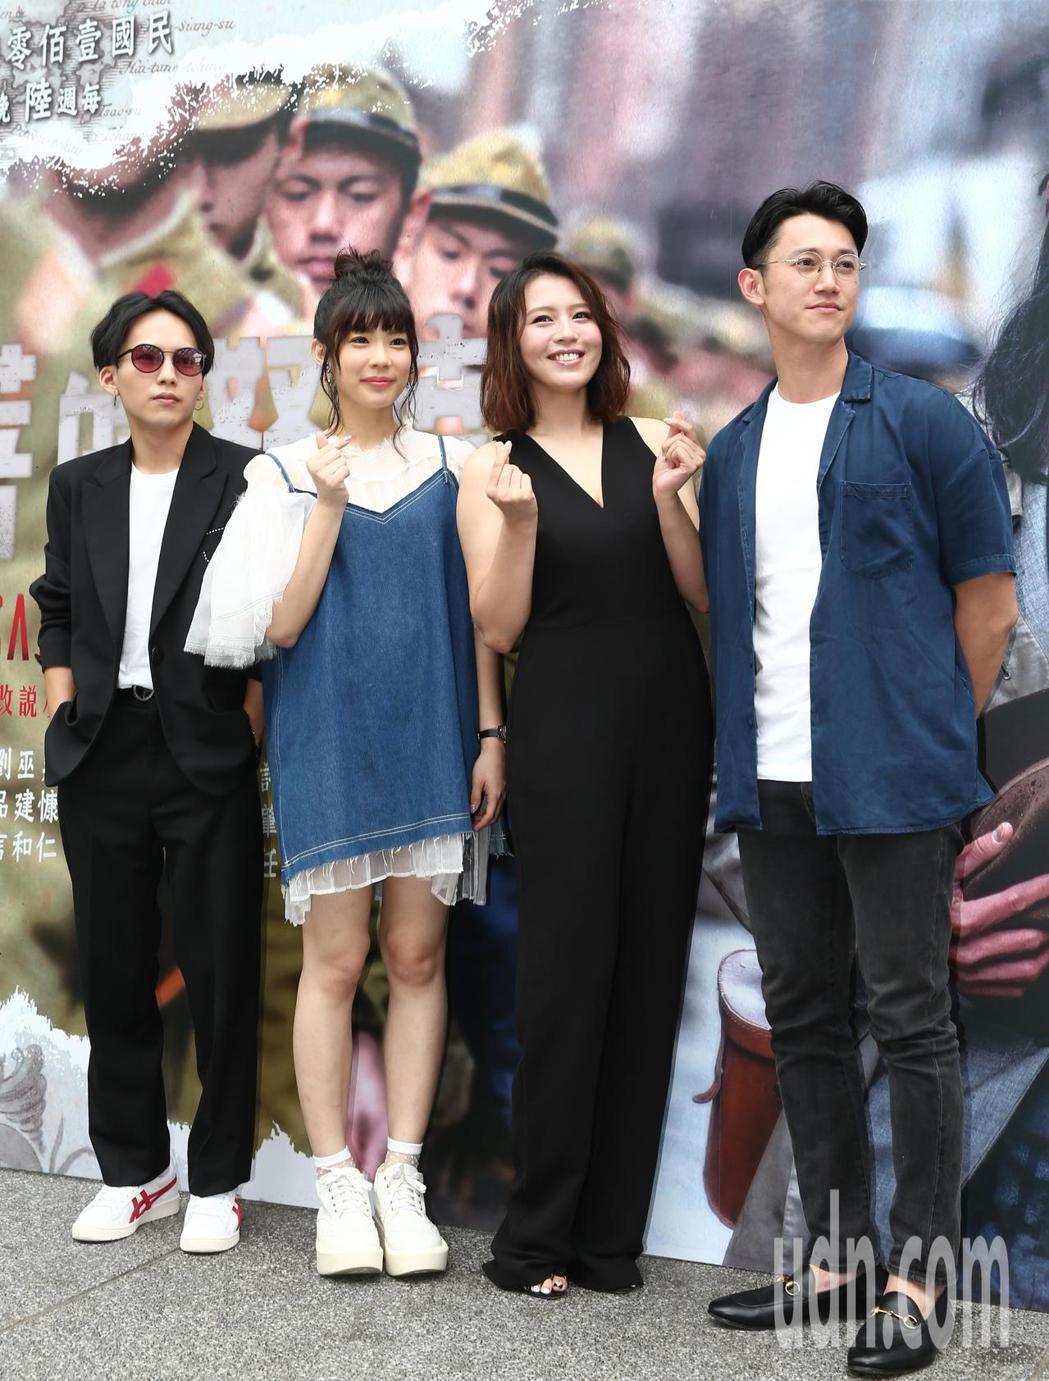 吳慷仁(右起)、劉品言、林思宇與巫建和出席「憤怒的菩薩」首映會,其中大家公認台語